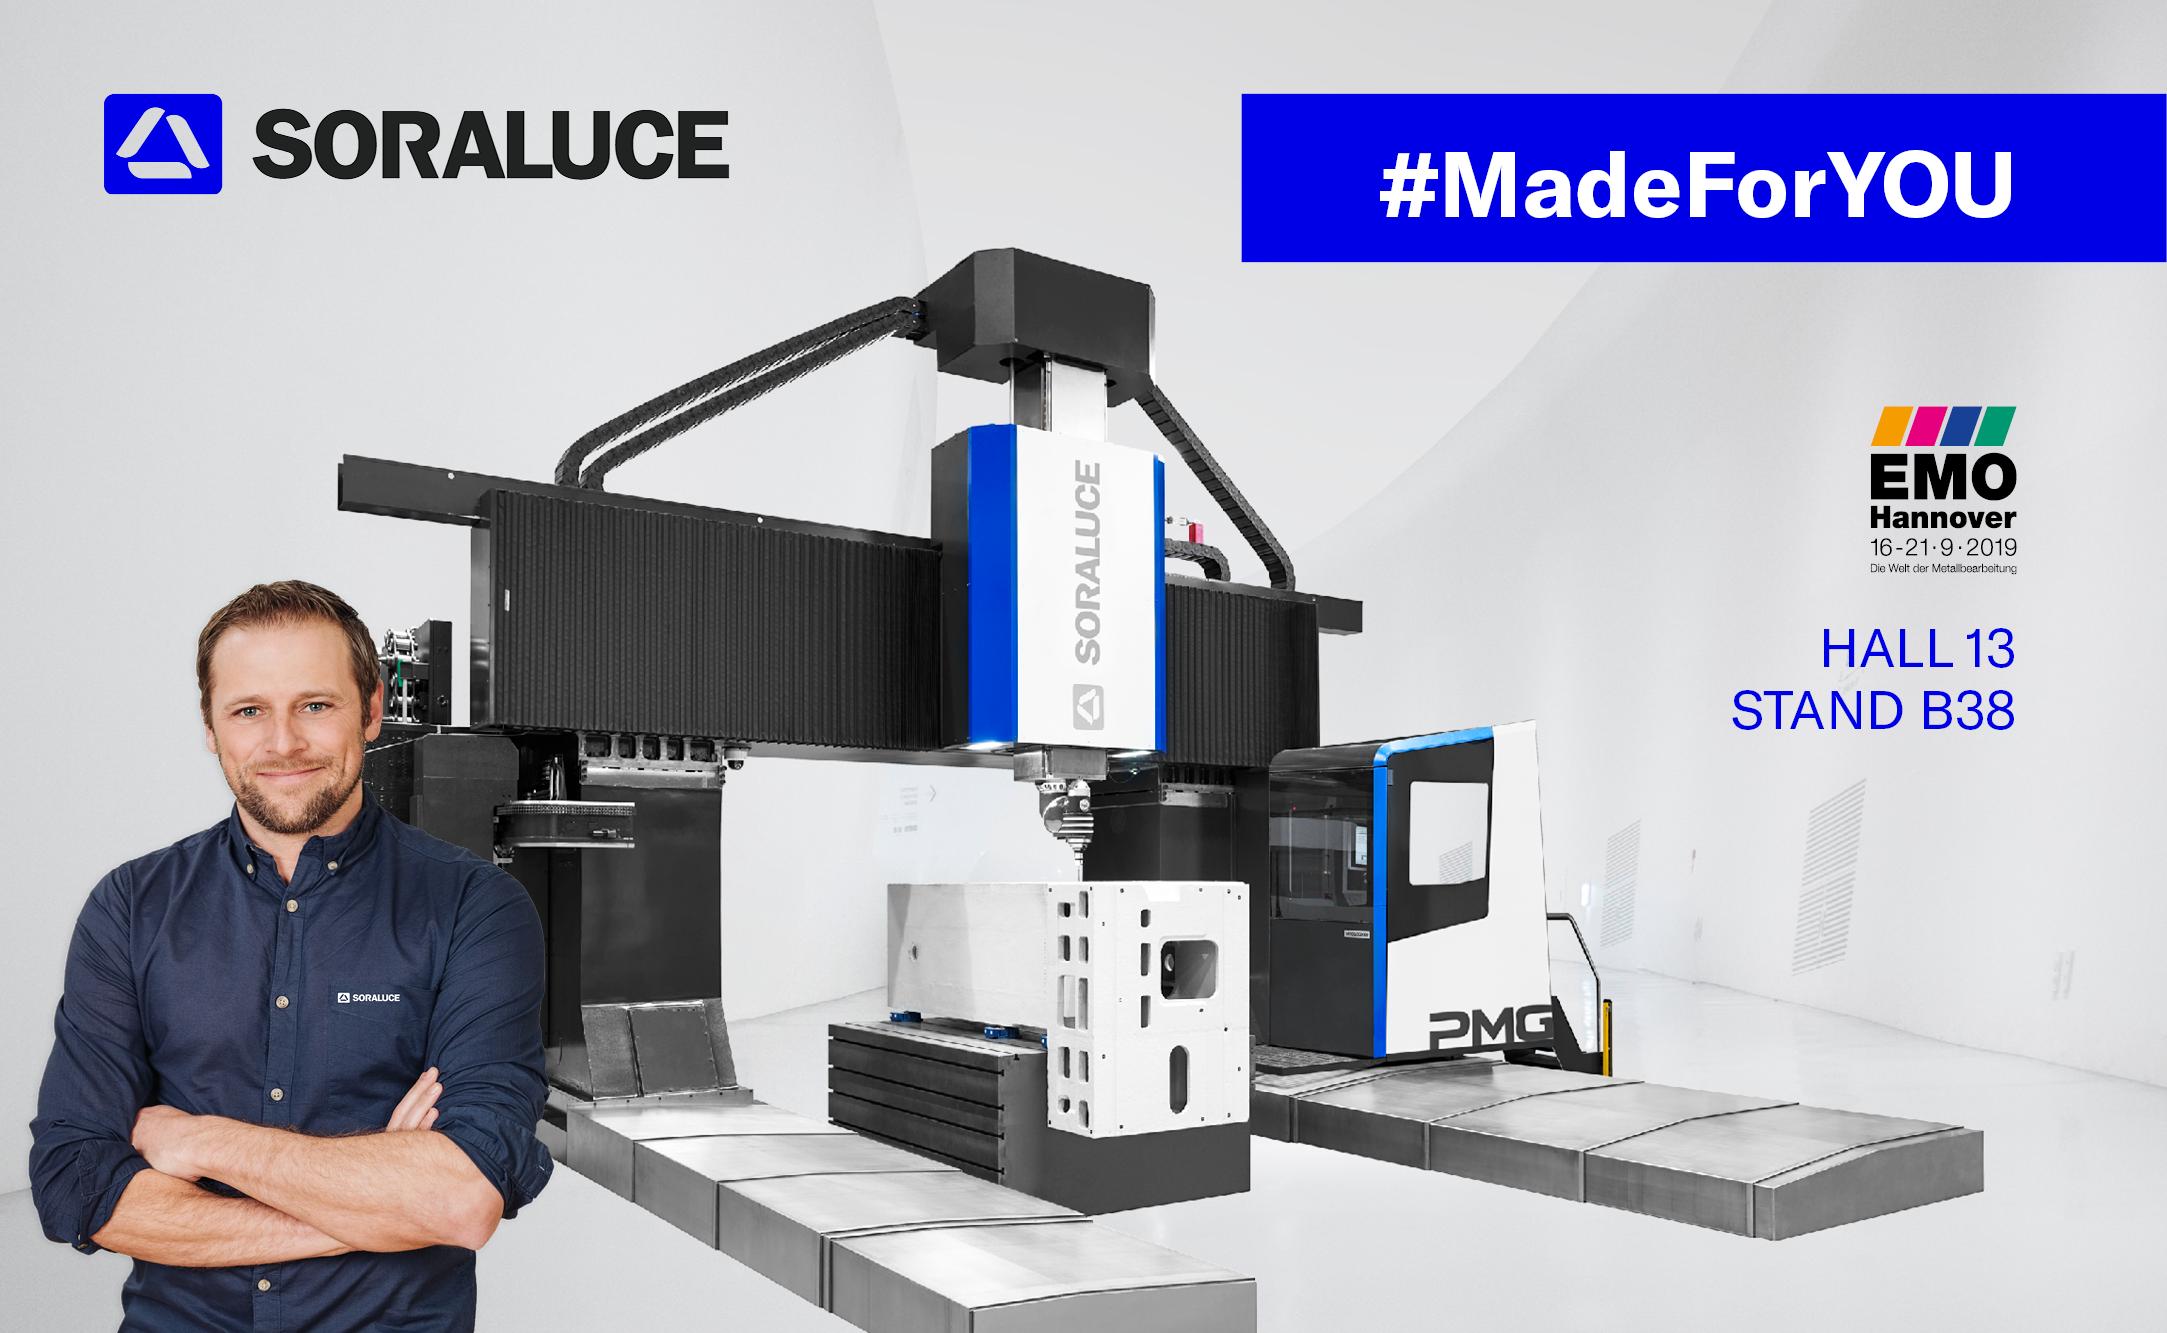 #MadeForYOU - SORALUCE ermöglicht seinen Kunden tagtäglich einen Mehrwert